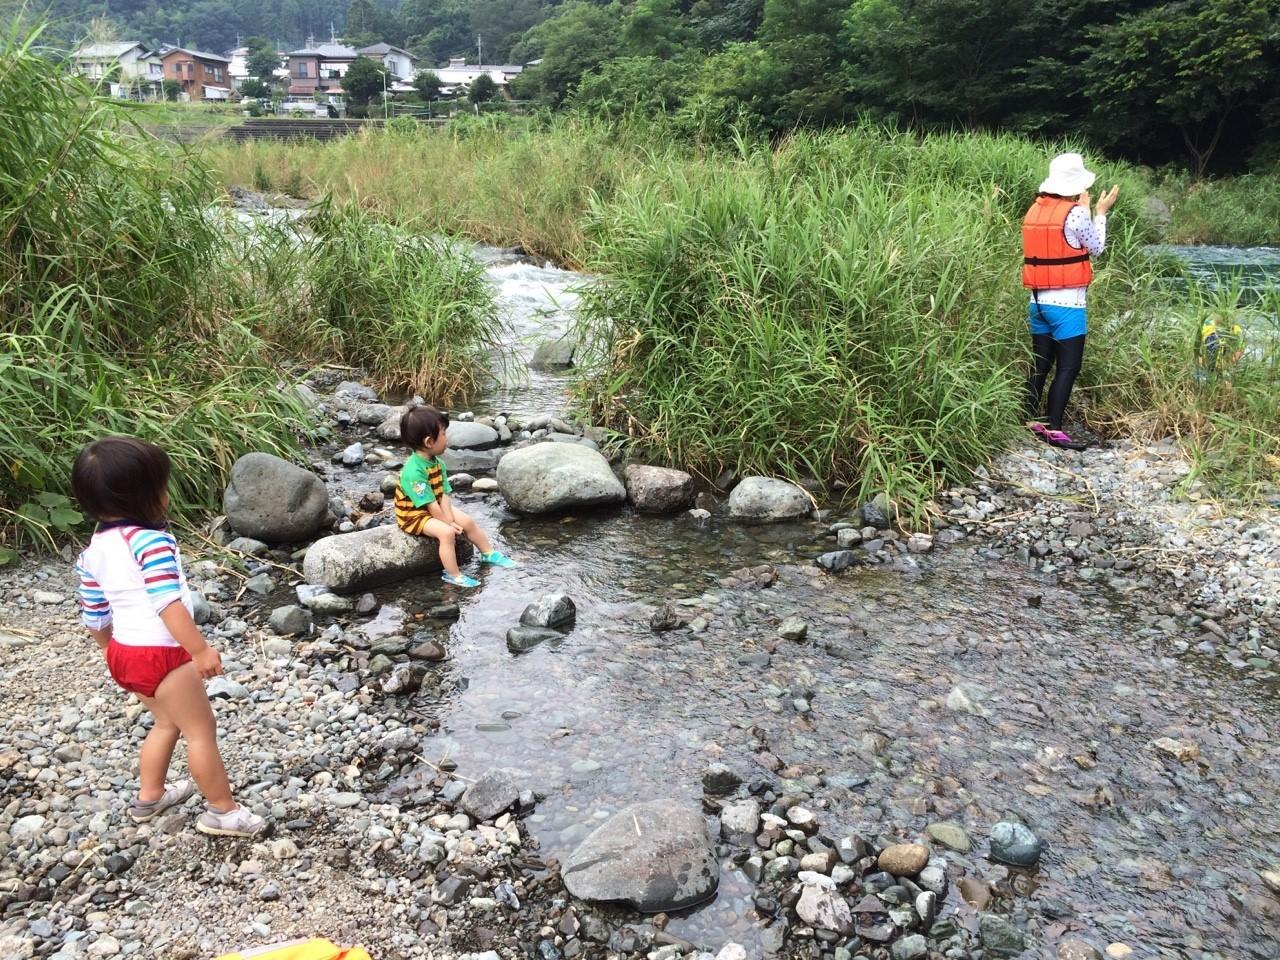 岸に近いところは浅くて流れも緩やかだから、小っちゃい子も楽しめました